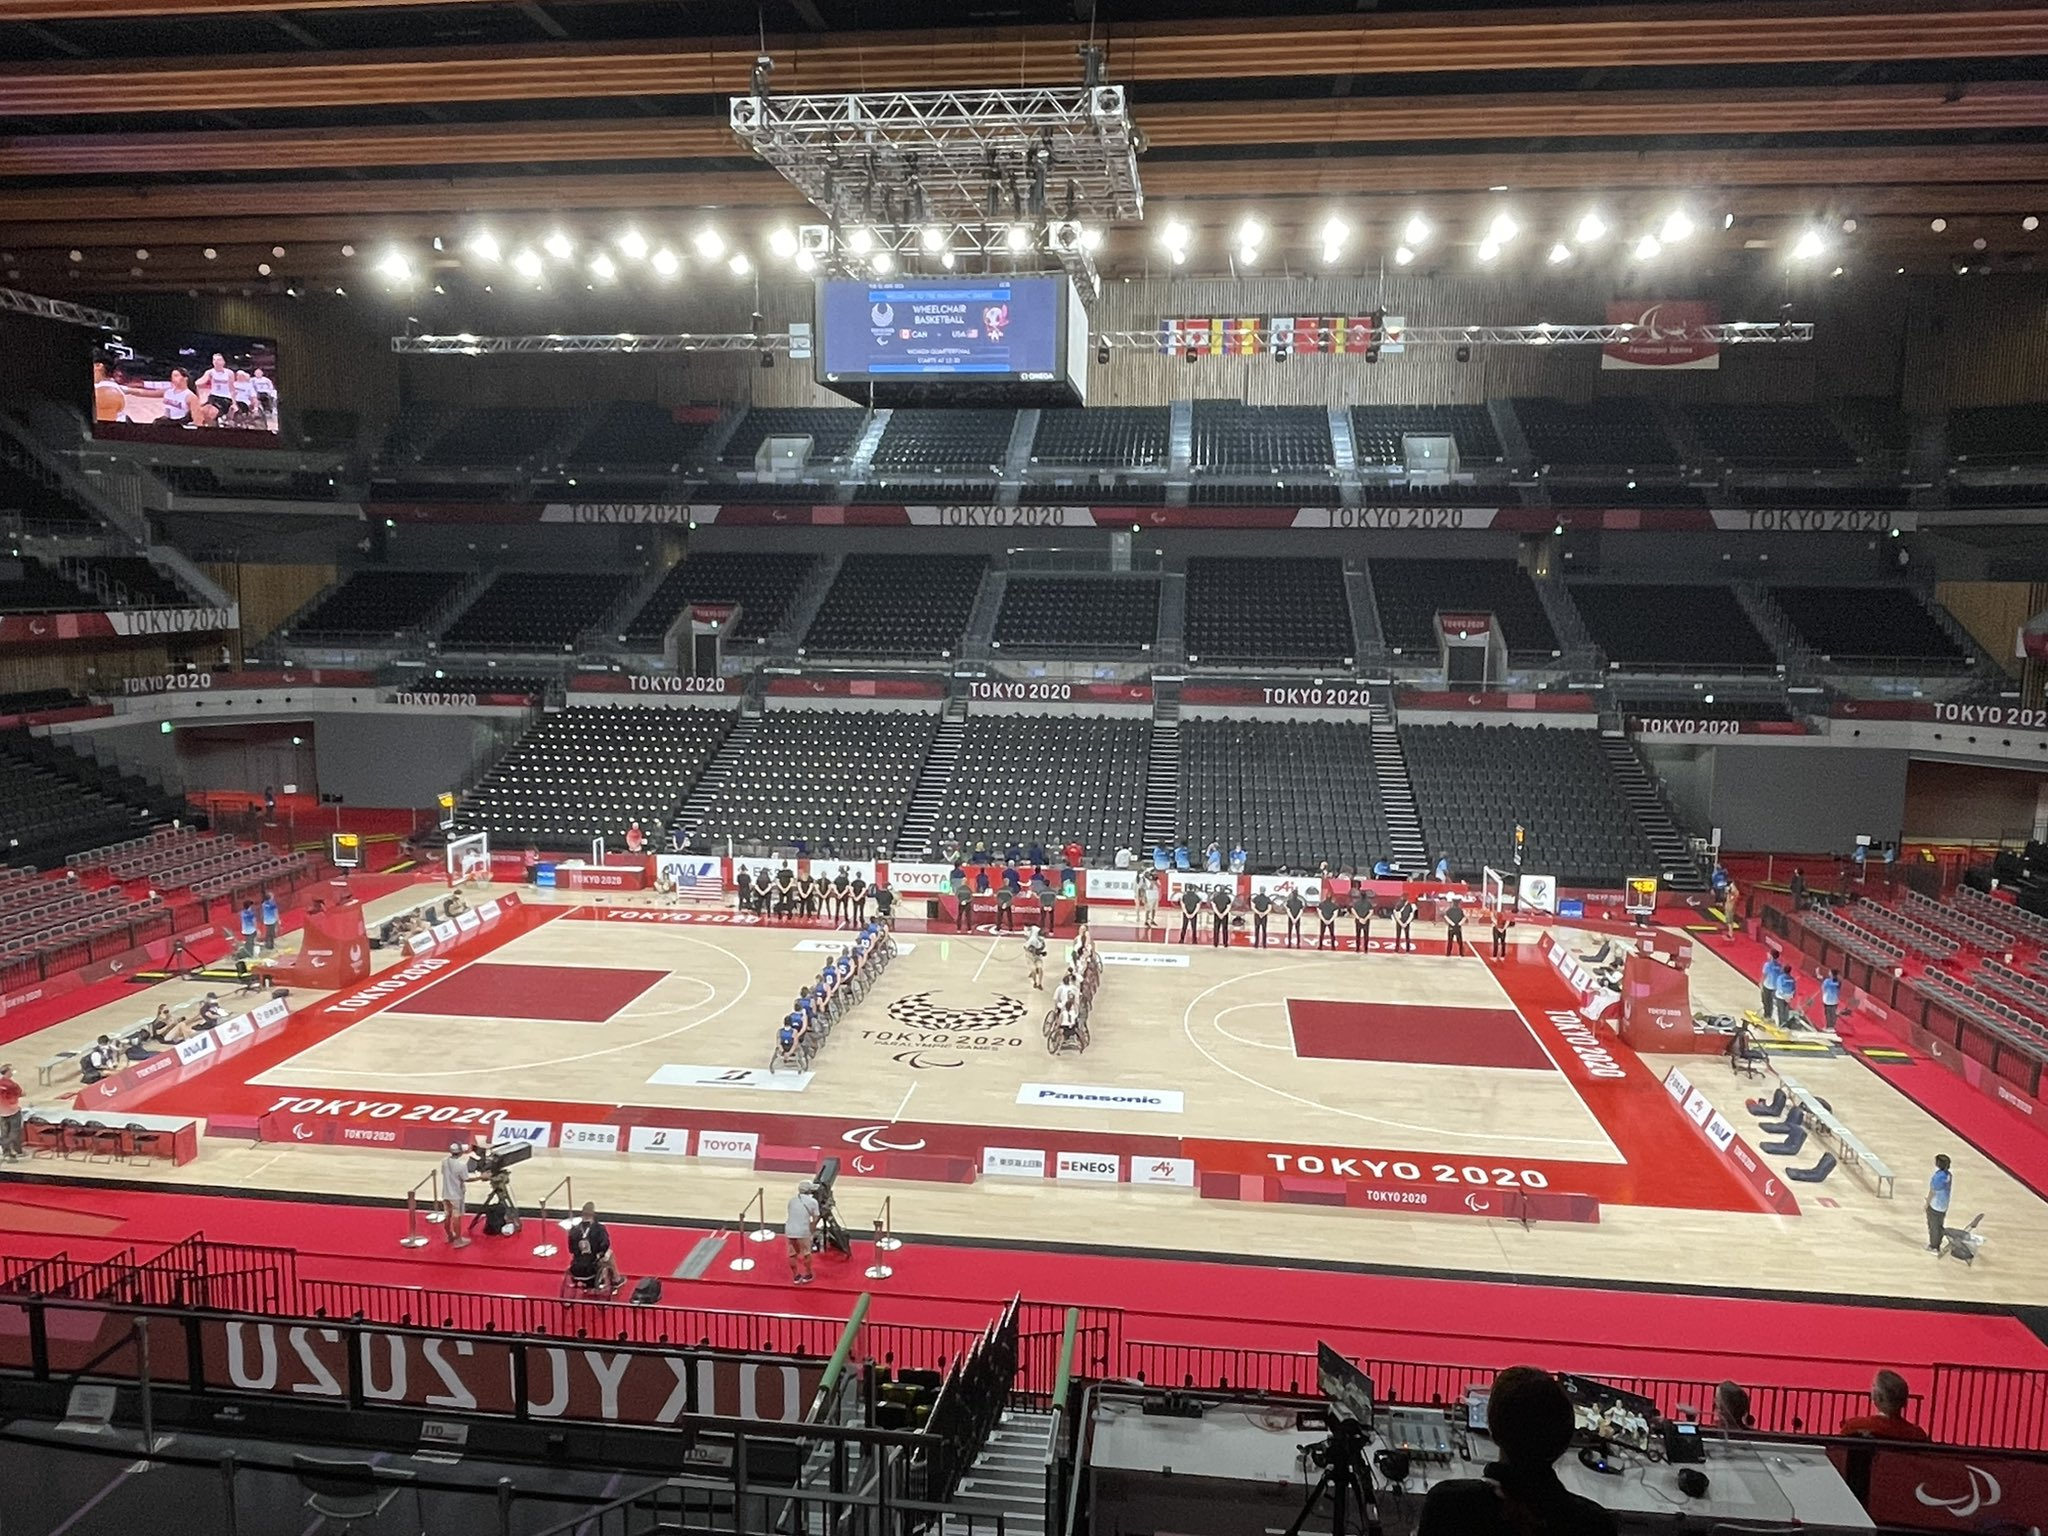 TOKYO 2020 : le Canada affronte les États-Unis au championnat féminin de basketball en fauteuil roulant